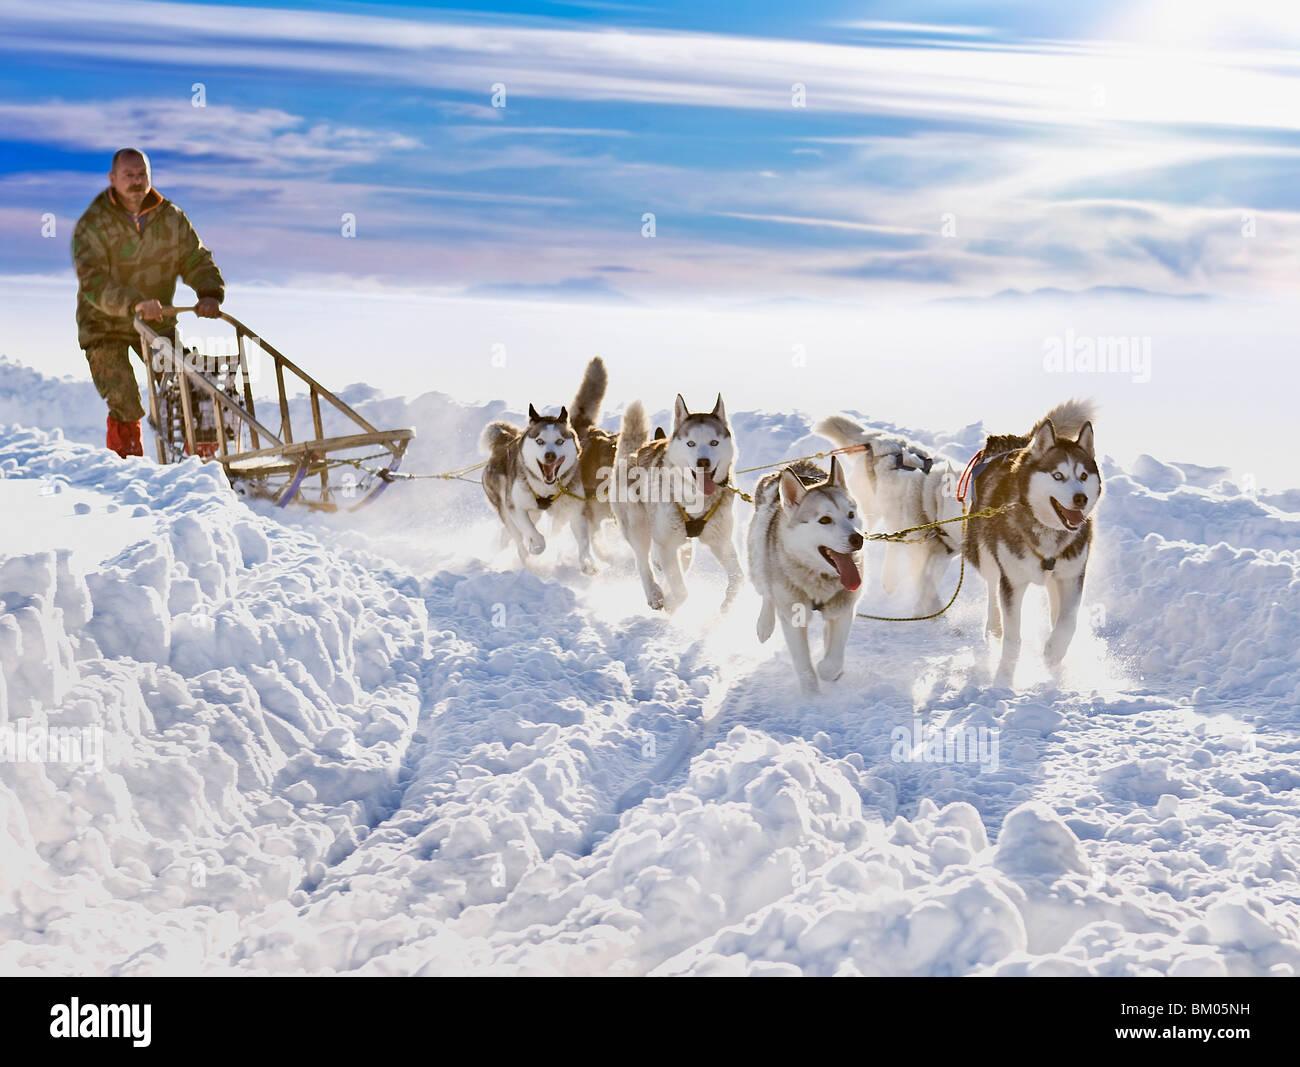 Dog sledge race - Stock Image